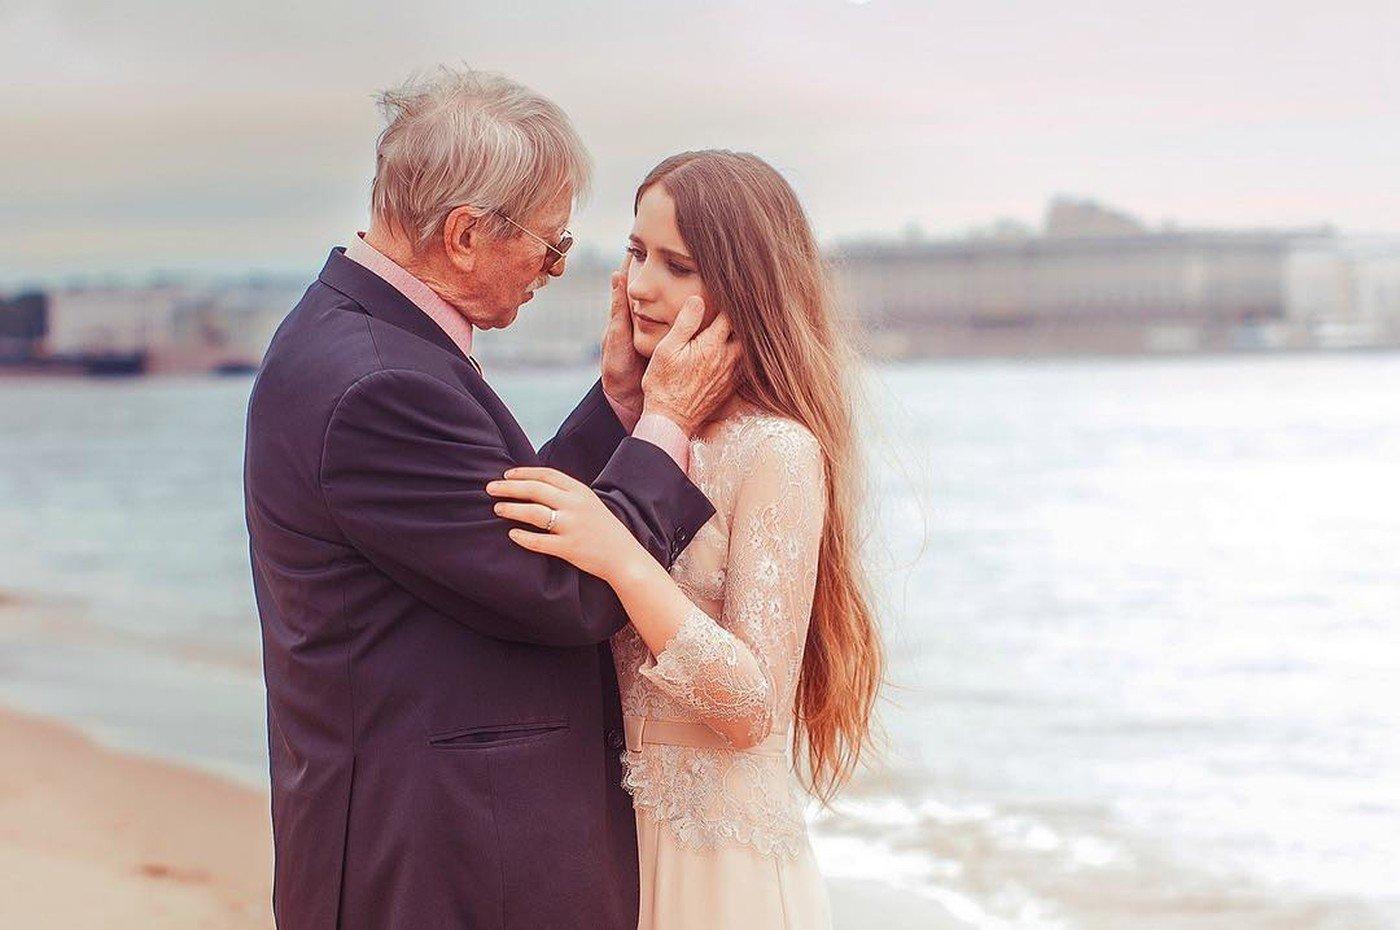 Массажем одежда для секса фото от жен видео хозяйка